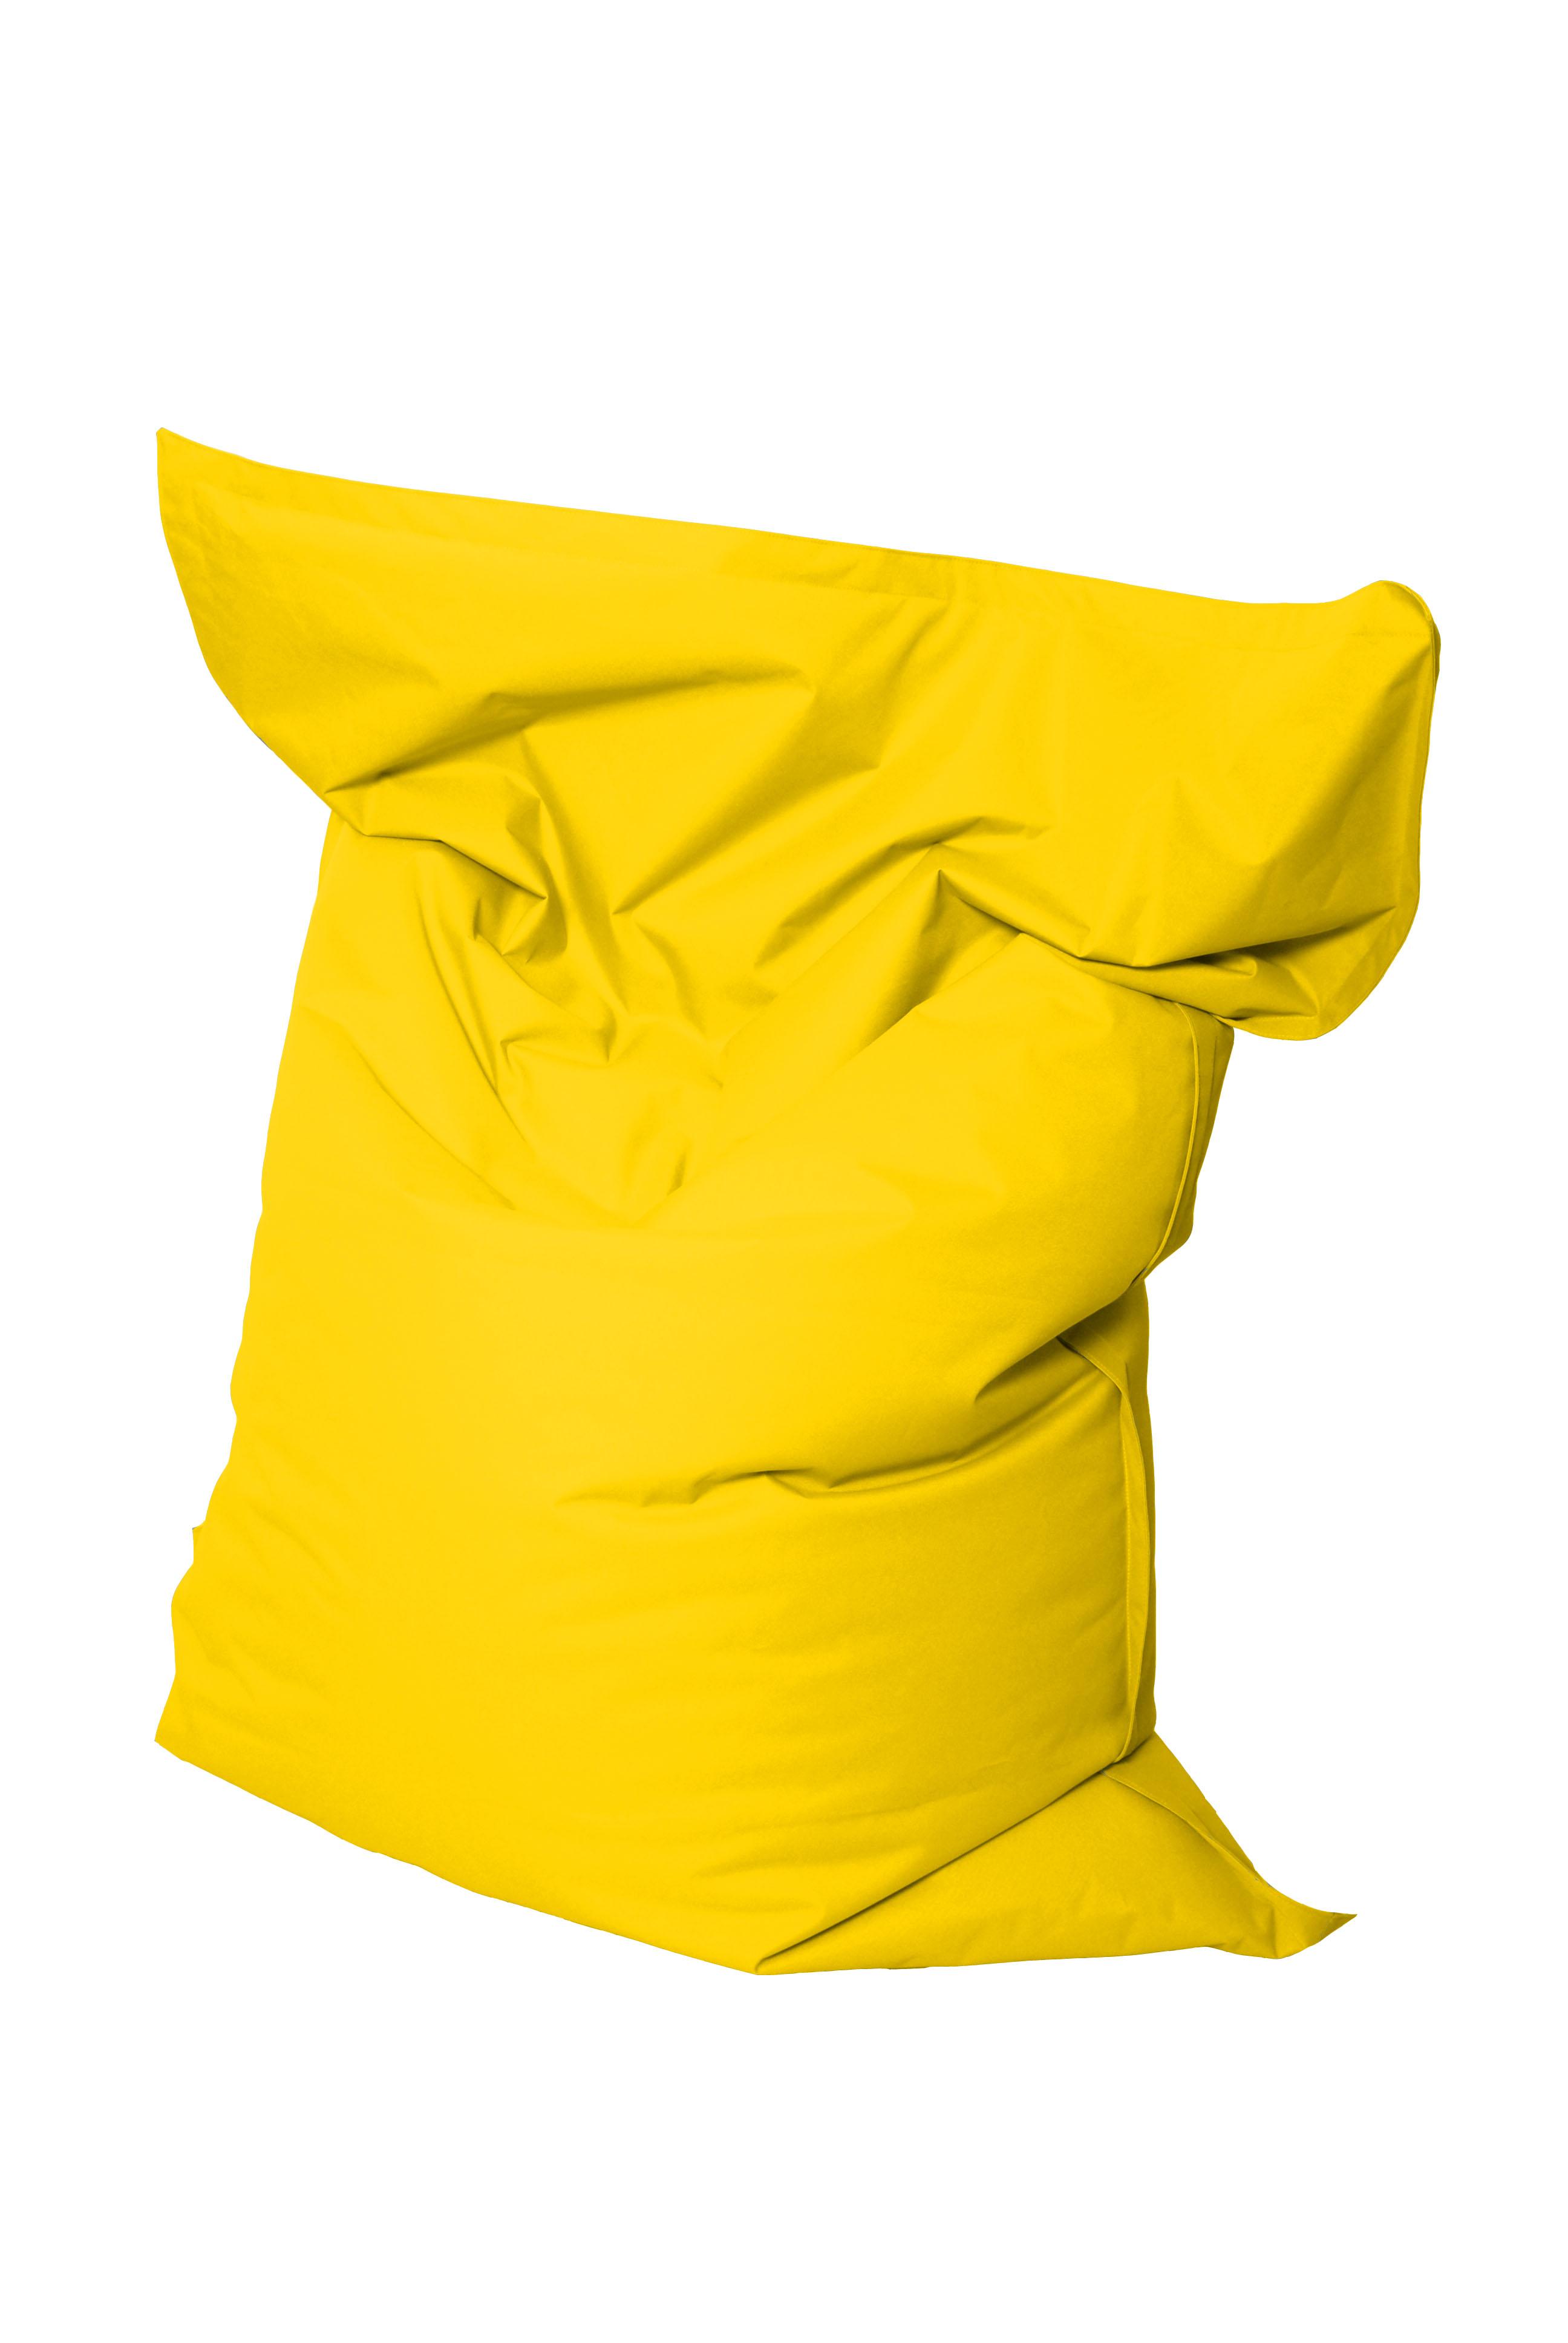 M&M sedací vak Maxi 200X140cm žlutá (žlutá 60103)